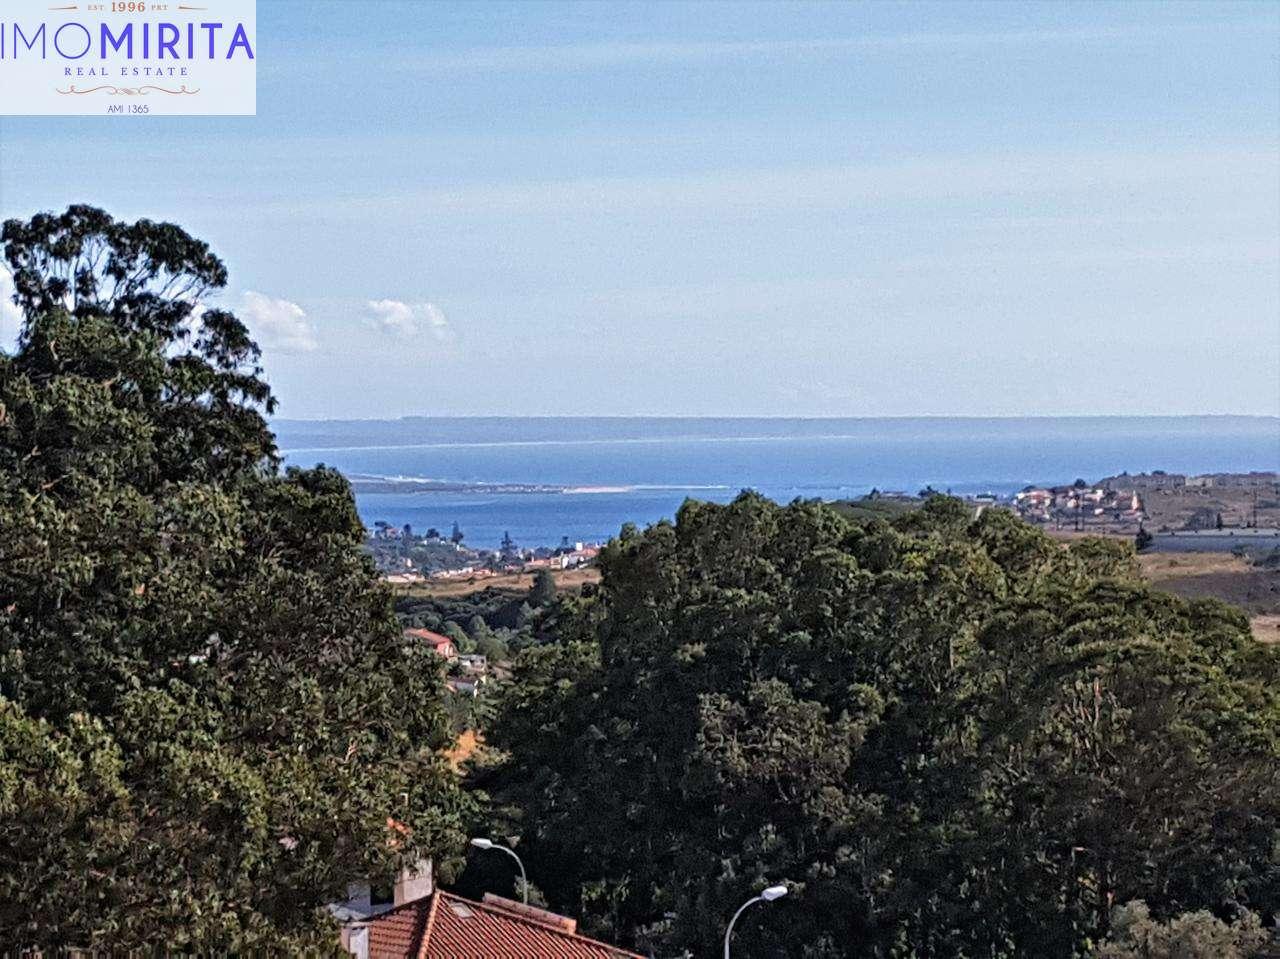 Moradia para comprar, Barcarena, Oeiras, Lisboa - Foto 1